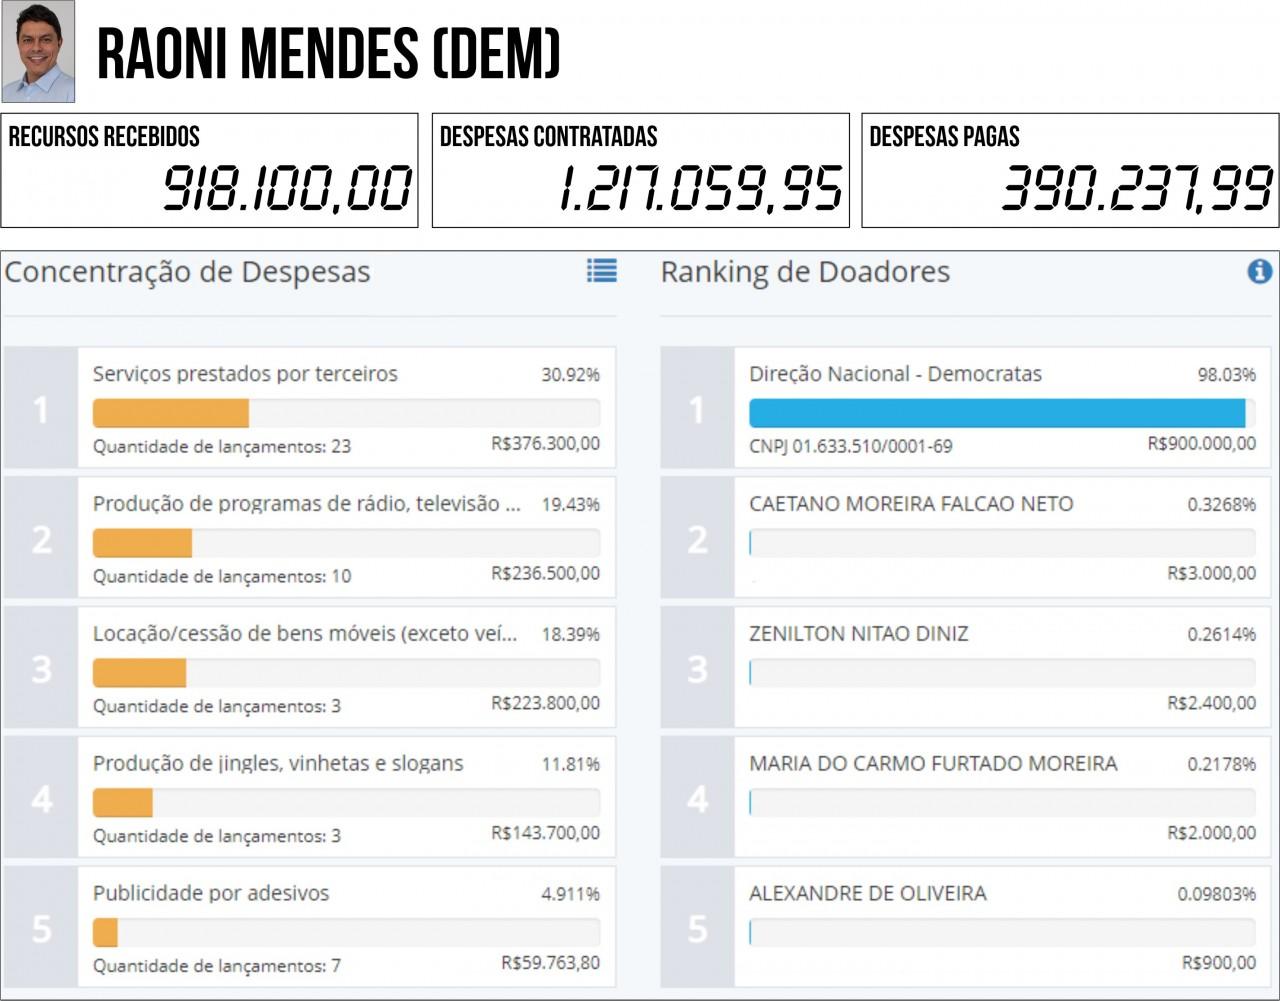 RAONI MENDES DEM - 2ª PRESTAÇÃO DE CONTAS: Seis candidatos à PMJP gastaram mais do que arrecadaram - VEJA QUEM SÃO